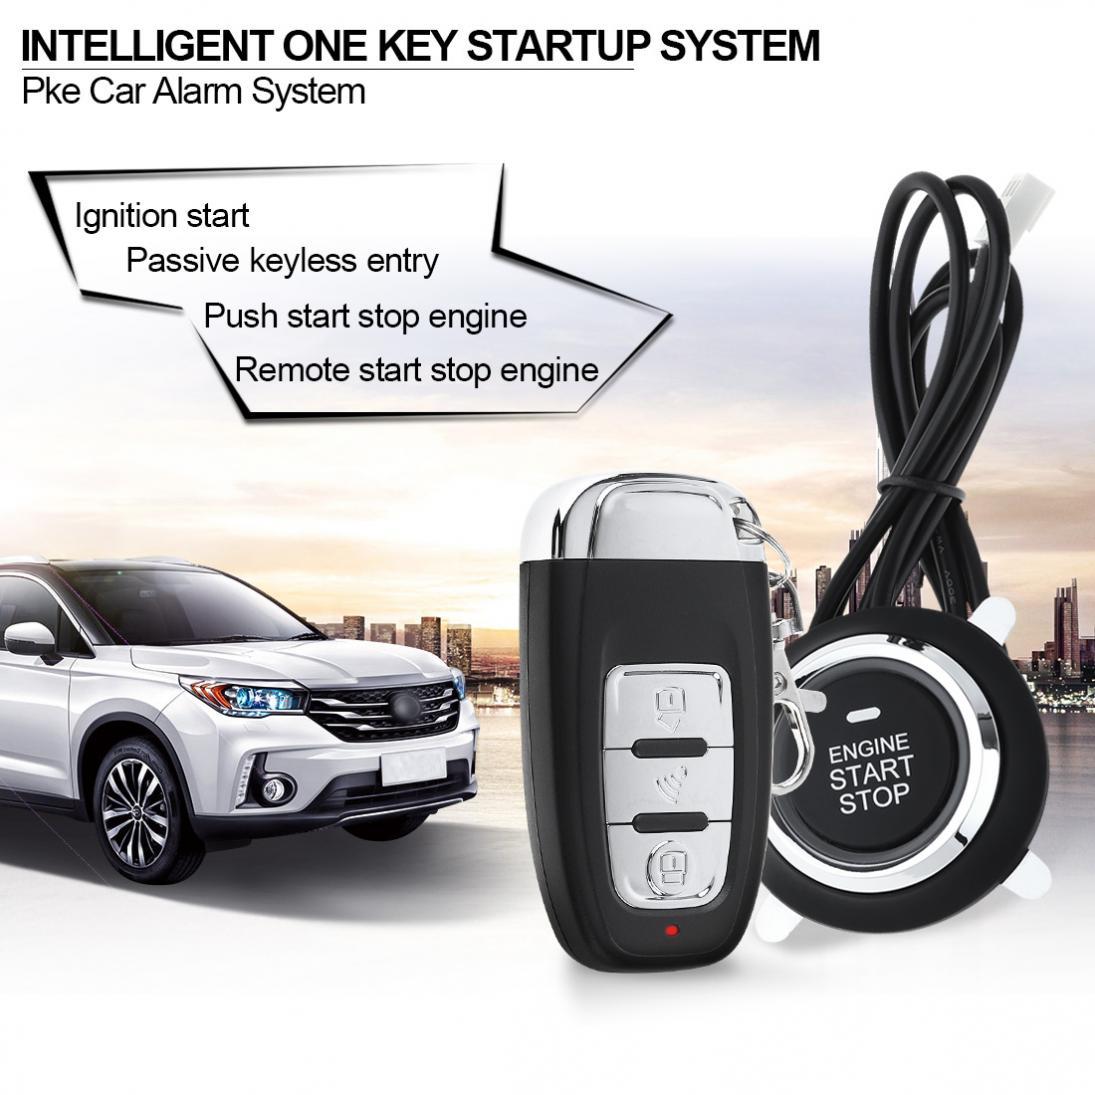 Système de démarrage à distance d'alarme de voiture intelligente démarrage arrêt moteur aller bouton-poussoir verrouillage Central automatique système d'entrée sans clé - 3